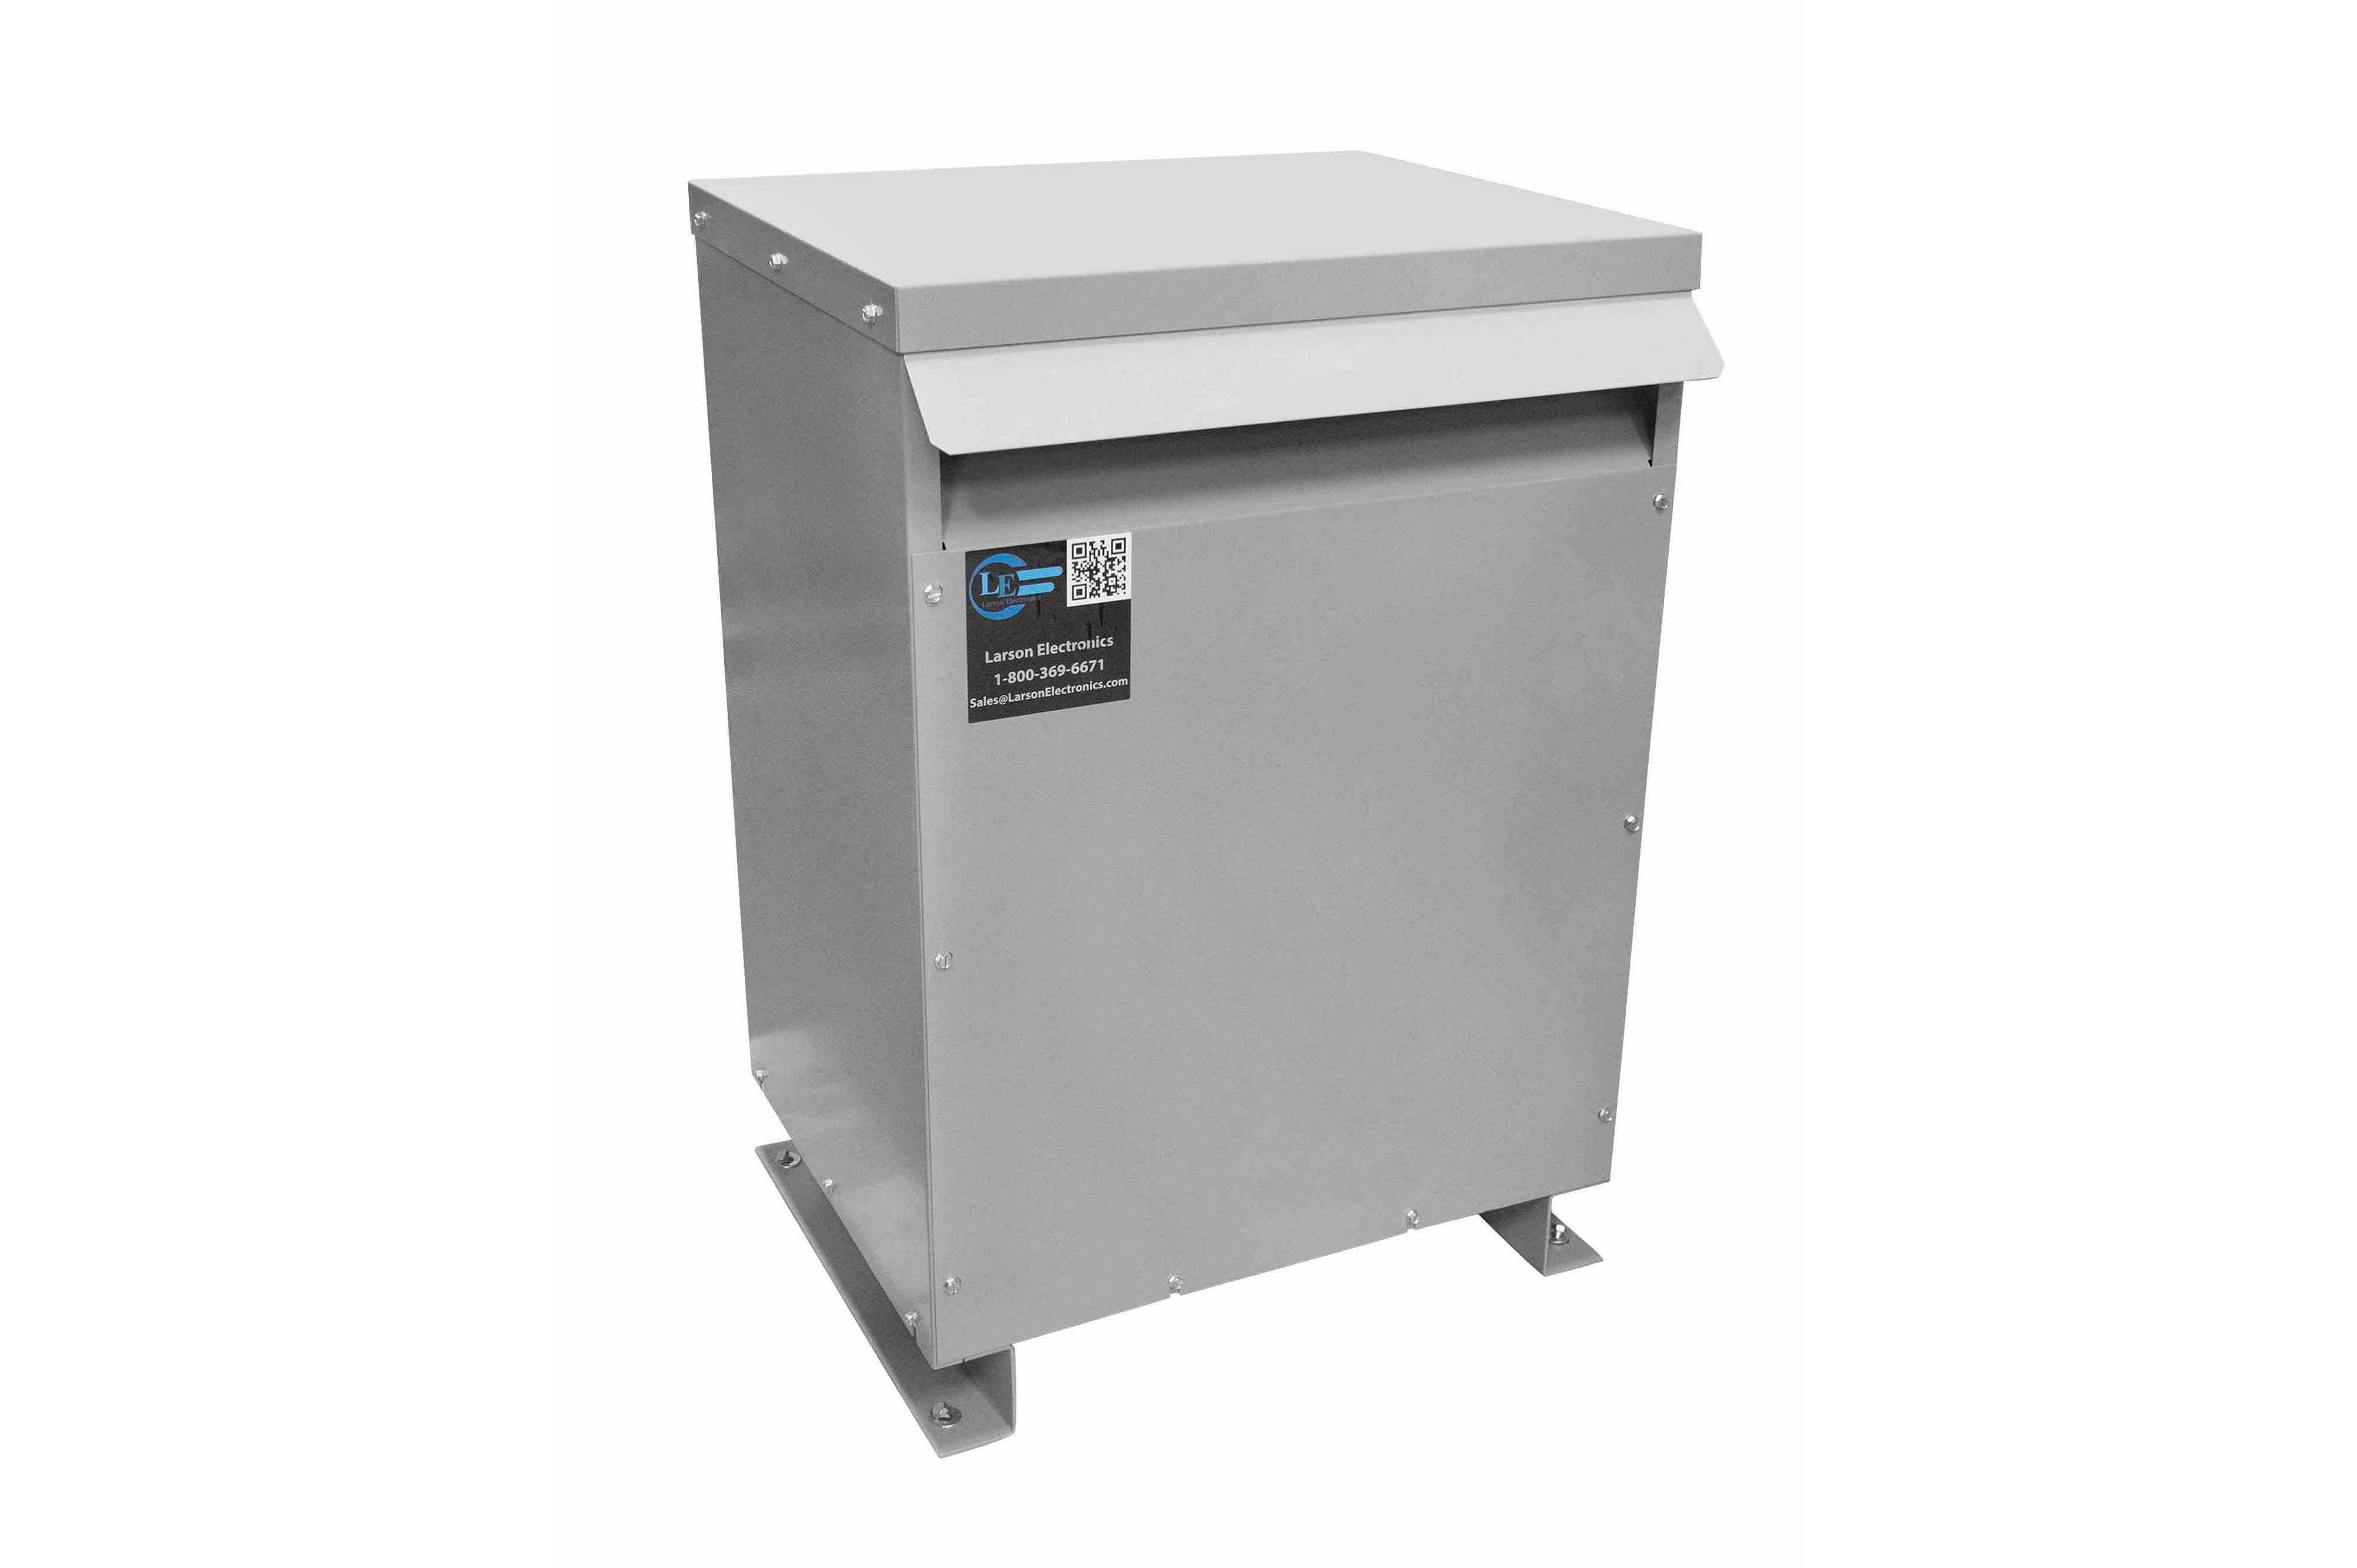 20 kVA 3PH Isolation Transformer, 240V Delta Primary, 600V Delta Secondary, N3R, Ventilated, 60 Hz